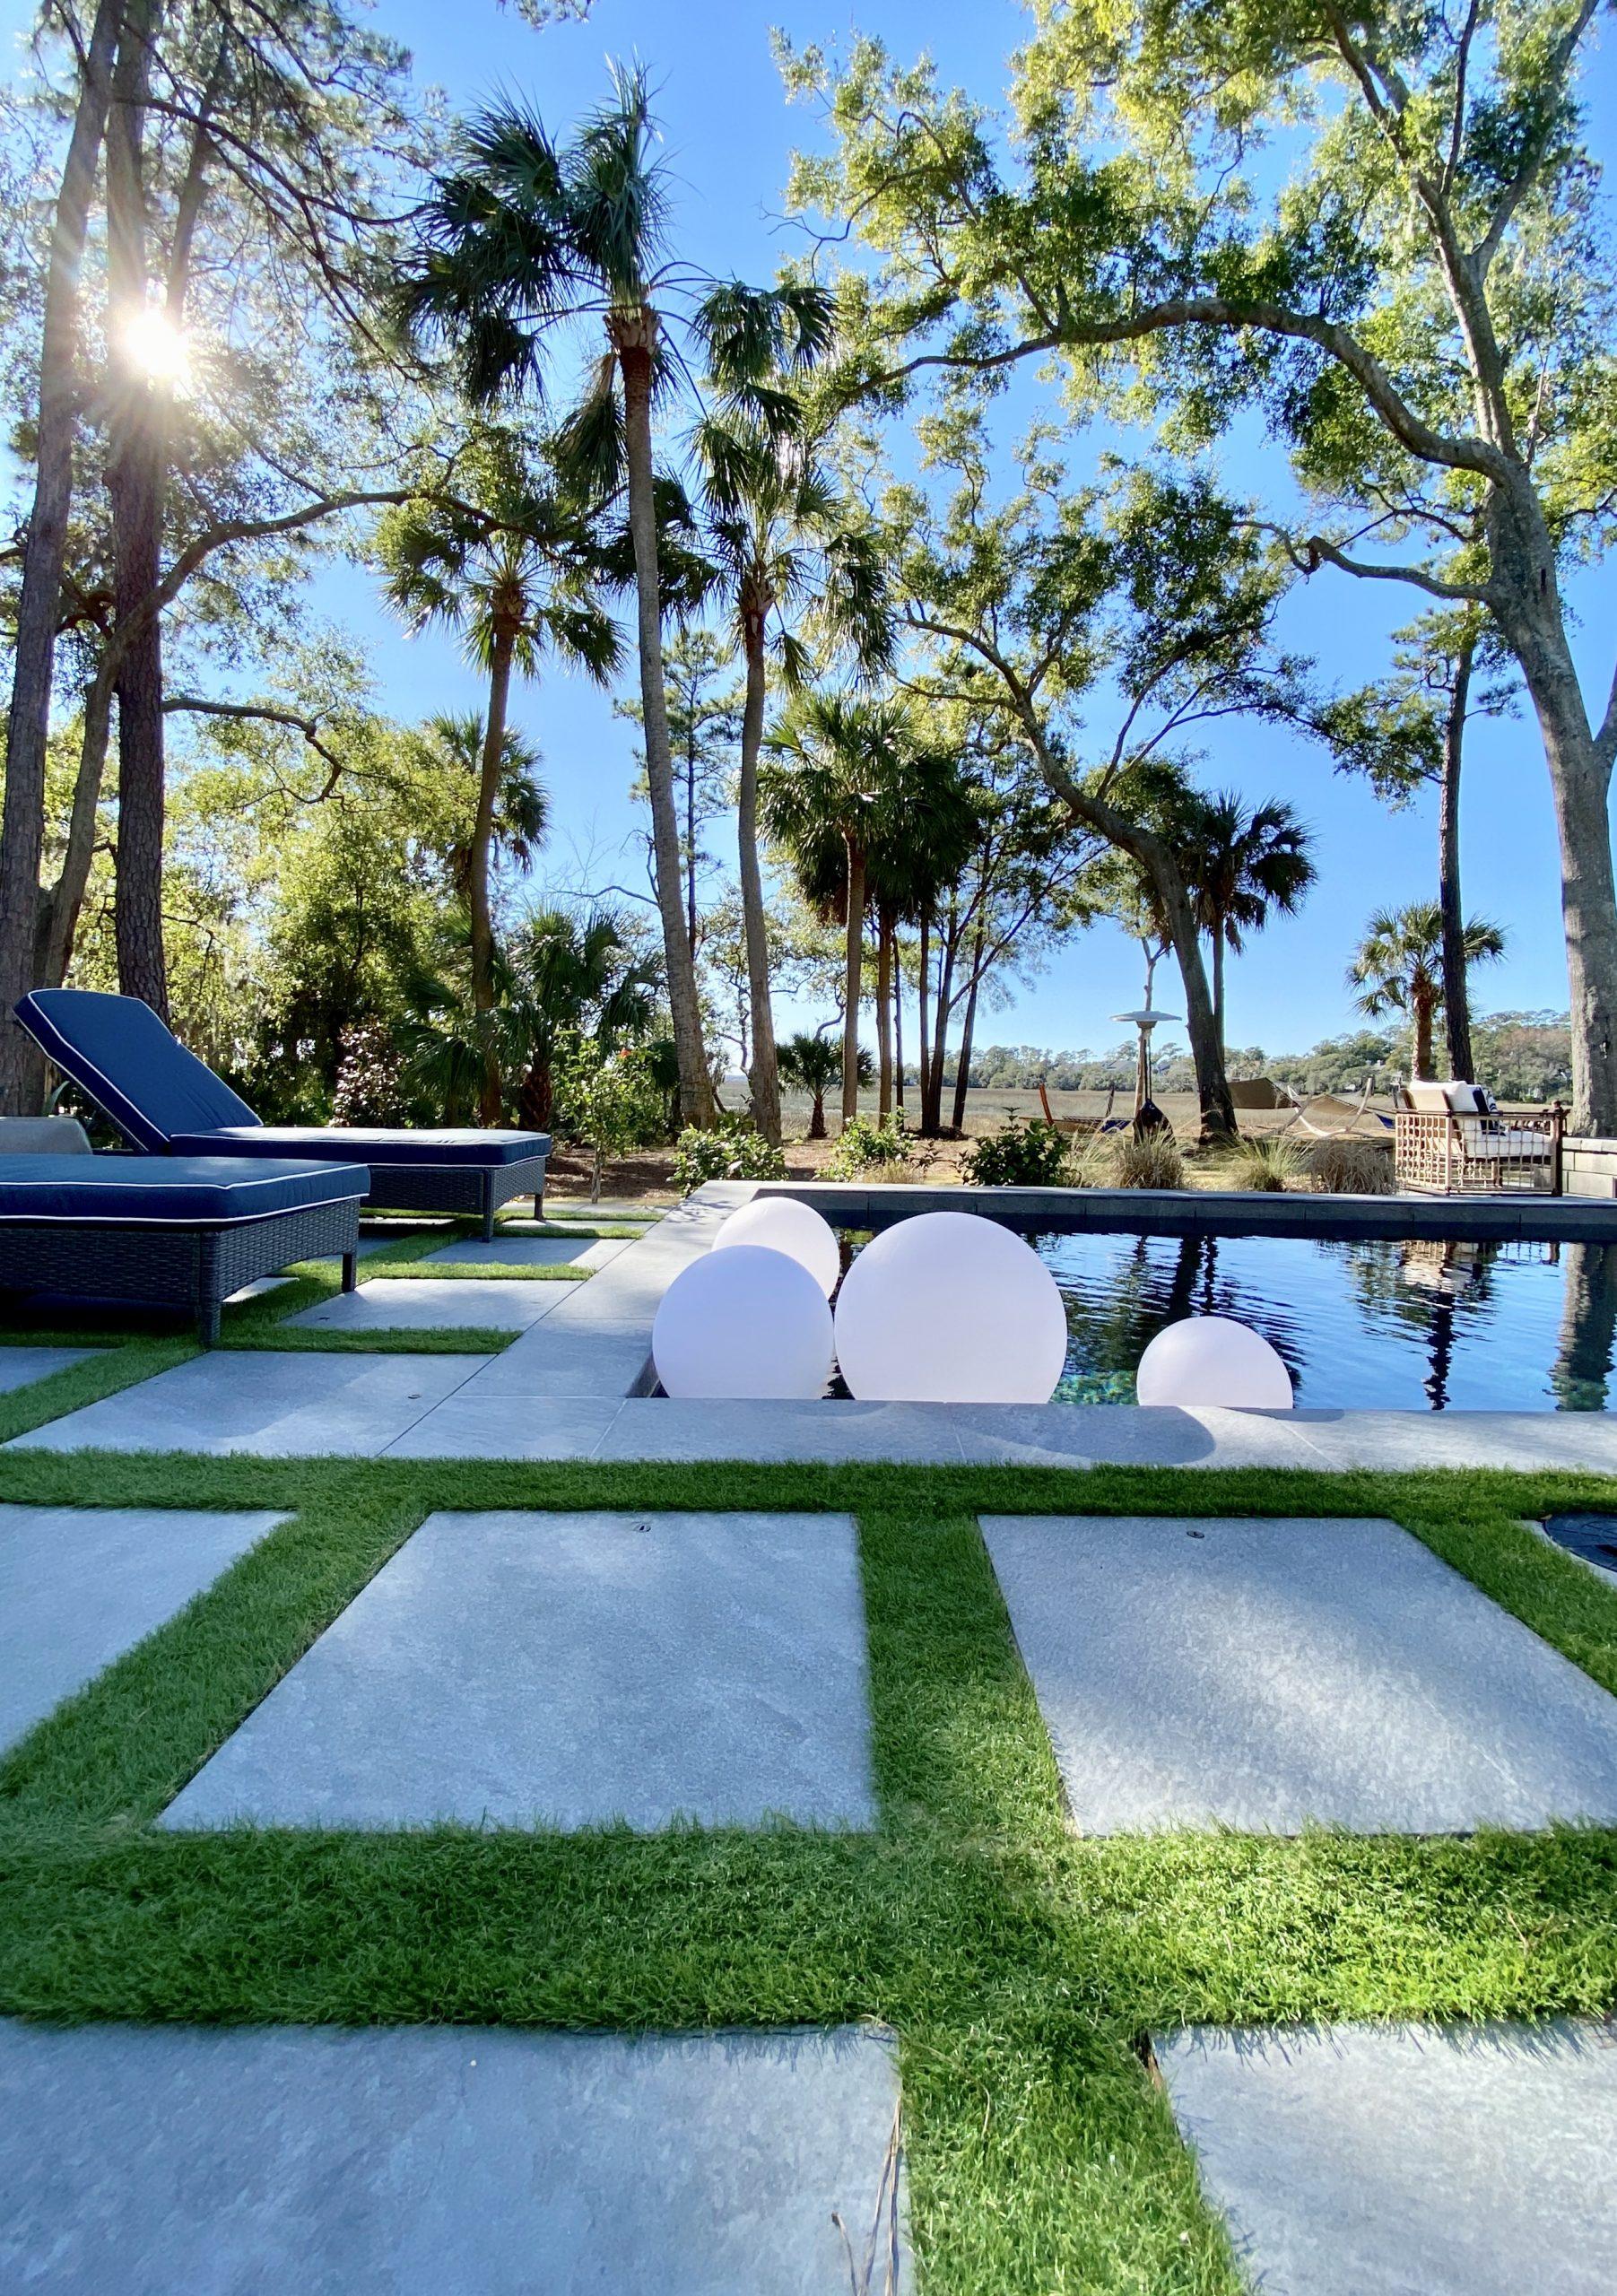 2020_HGTV_Dream_Home_backyard_pool